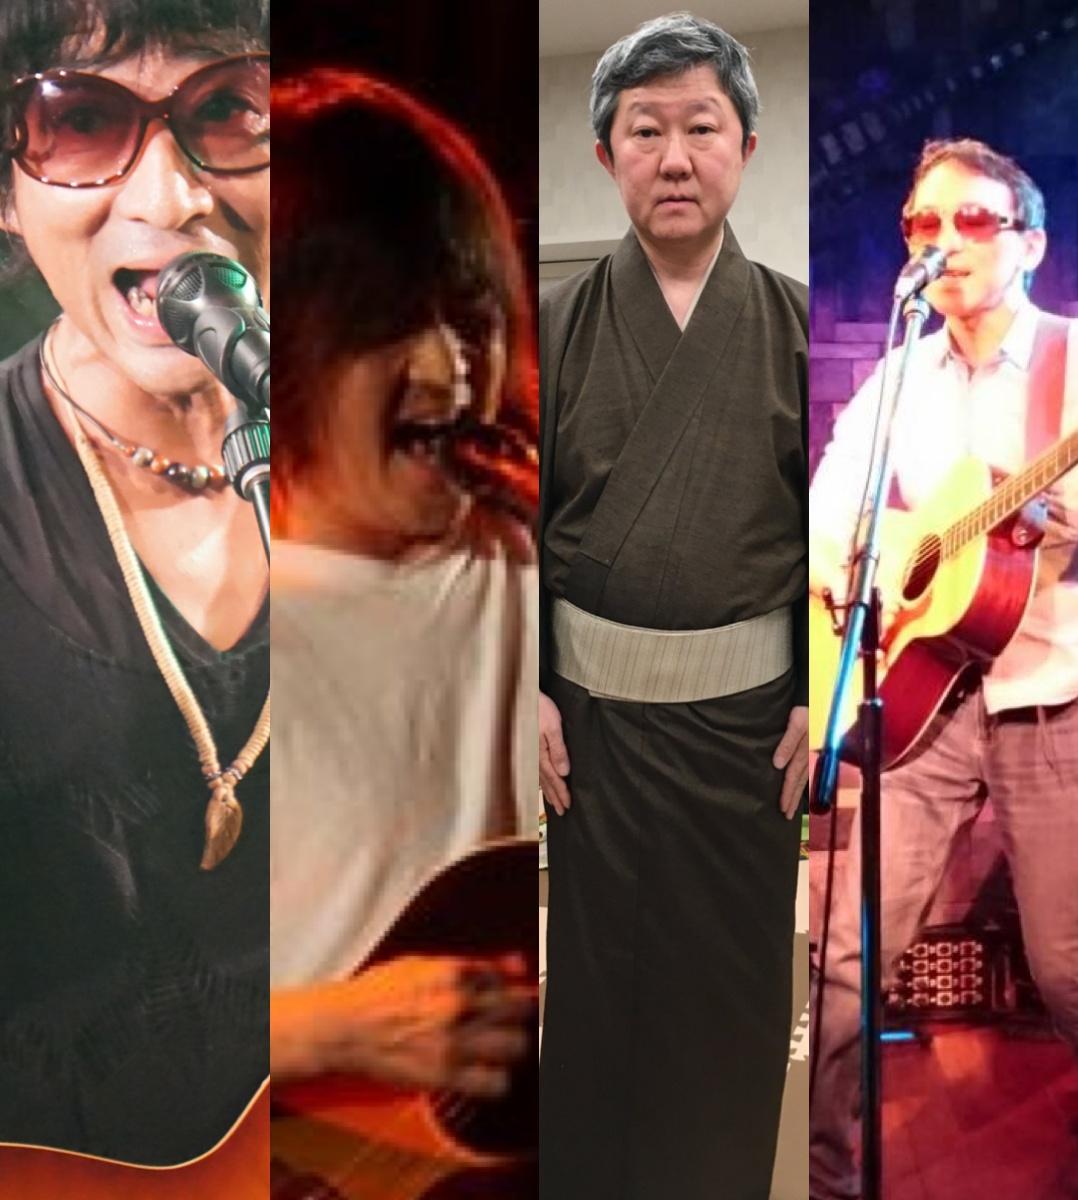 『僕たちの歌がこのメトロポリタンで風になる時』出演:KEN_BC / 木下拓也 / 水口きみや / 坂本守